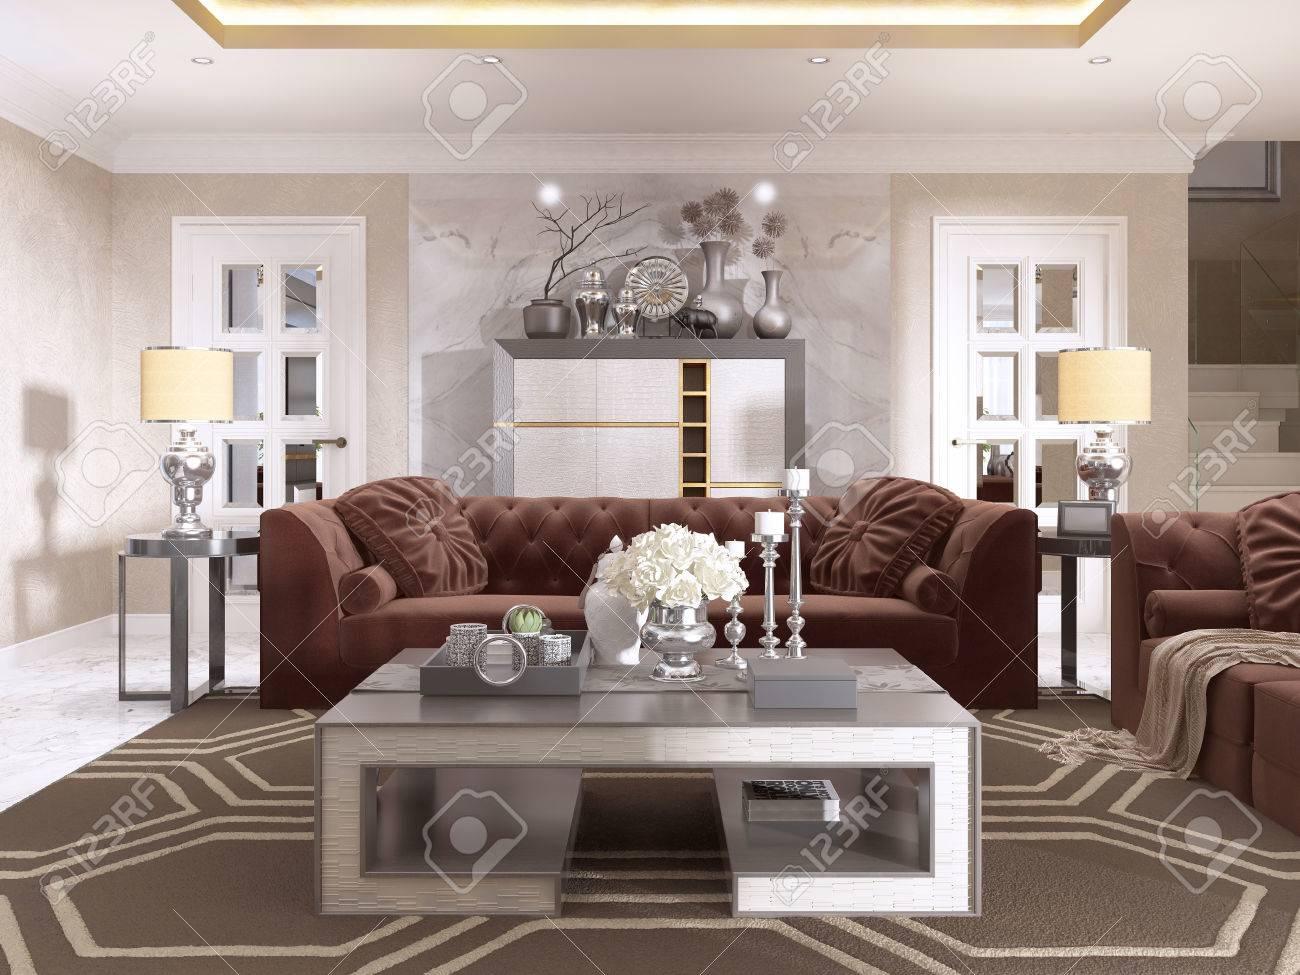 banque dimages salon de style art dco avec des meubles design rembourrs avec un plafond dor et les murs en pltre vnitien rendu 3d